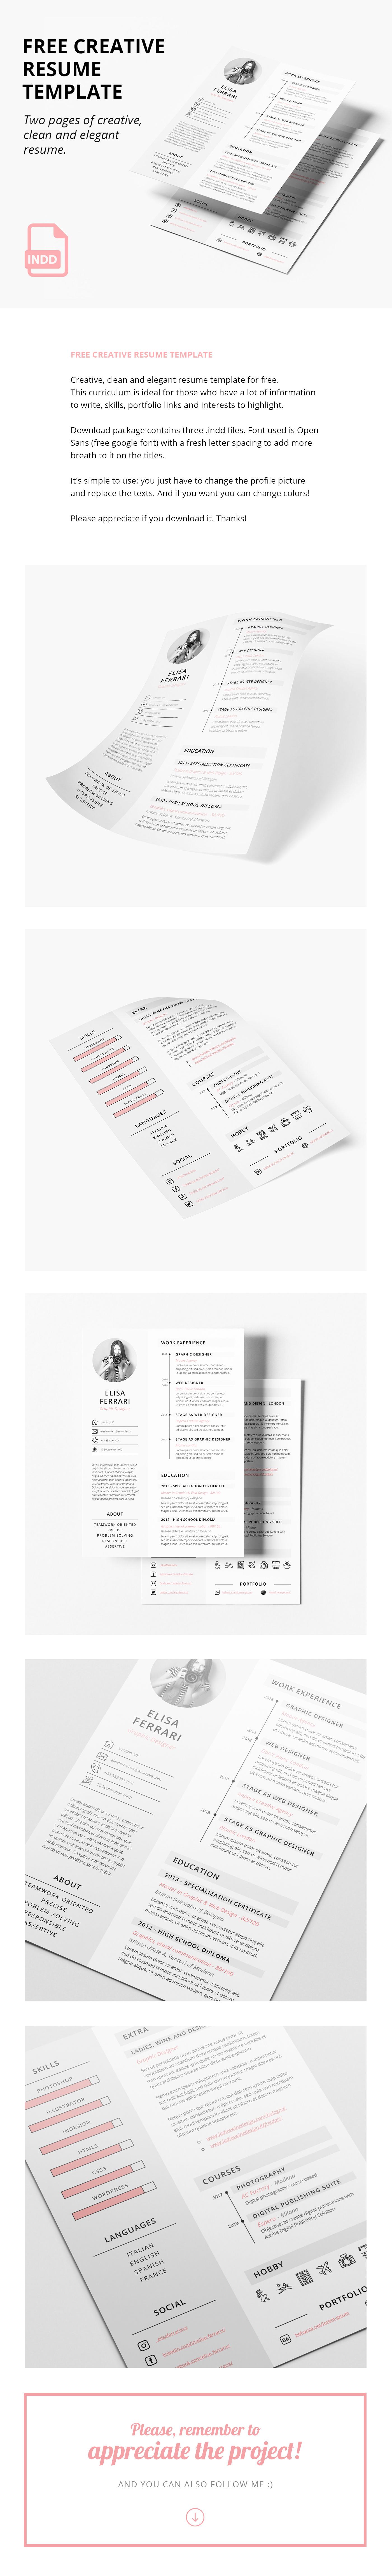 Resume resume template elegant resume curriculum graphic curriculum  clean resume Creative Resume curriculum template creative curriculum